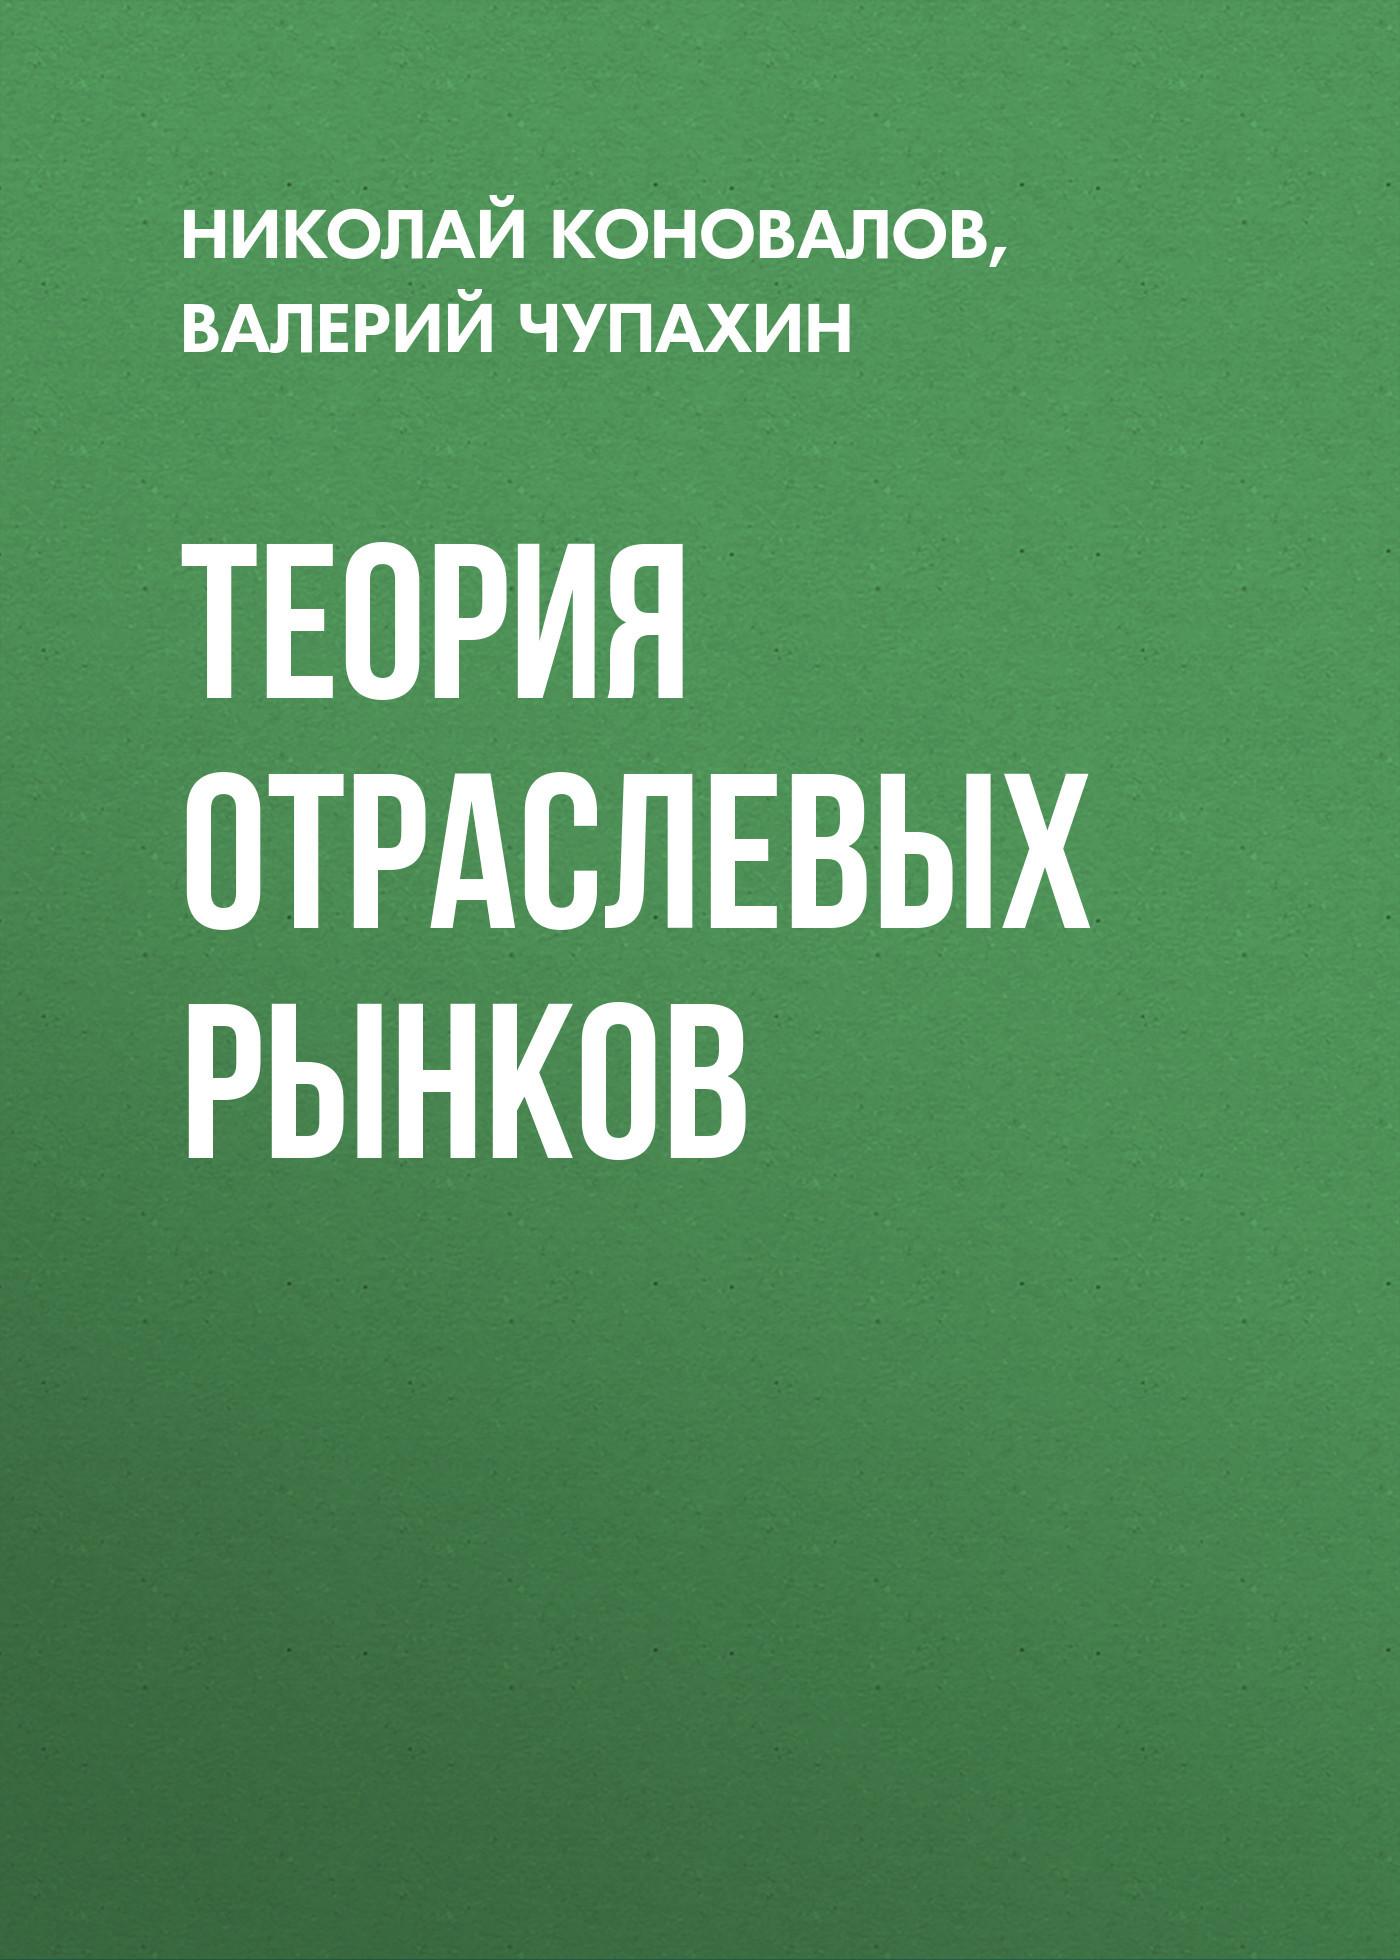 Николай Коновалов Теория отраслевых рынков в м джуха а в курицын и с штапова экономика отраслевых рынков